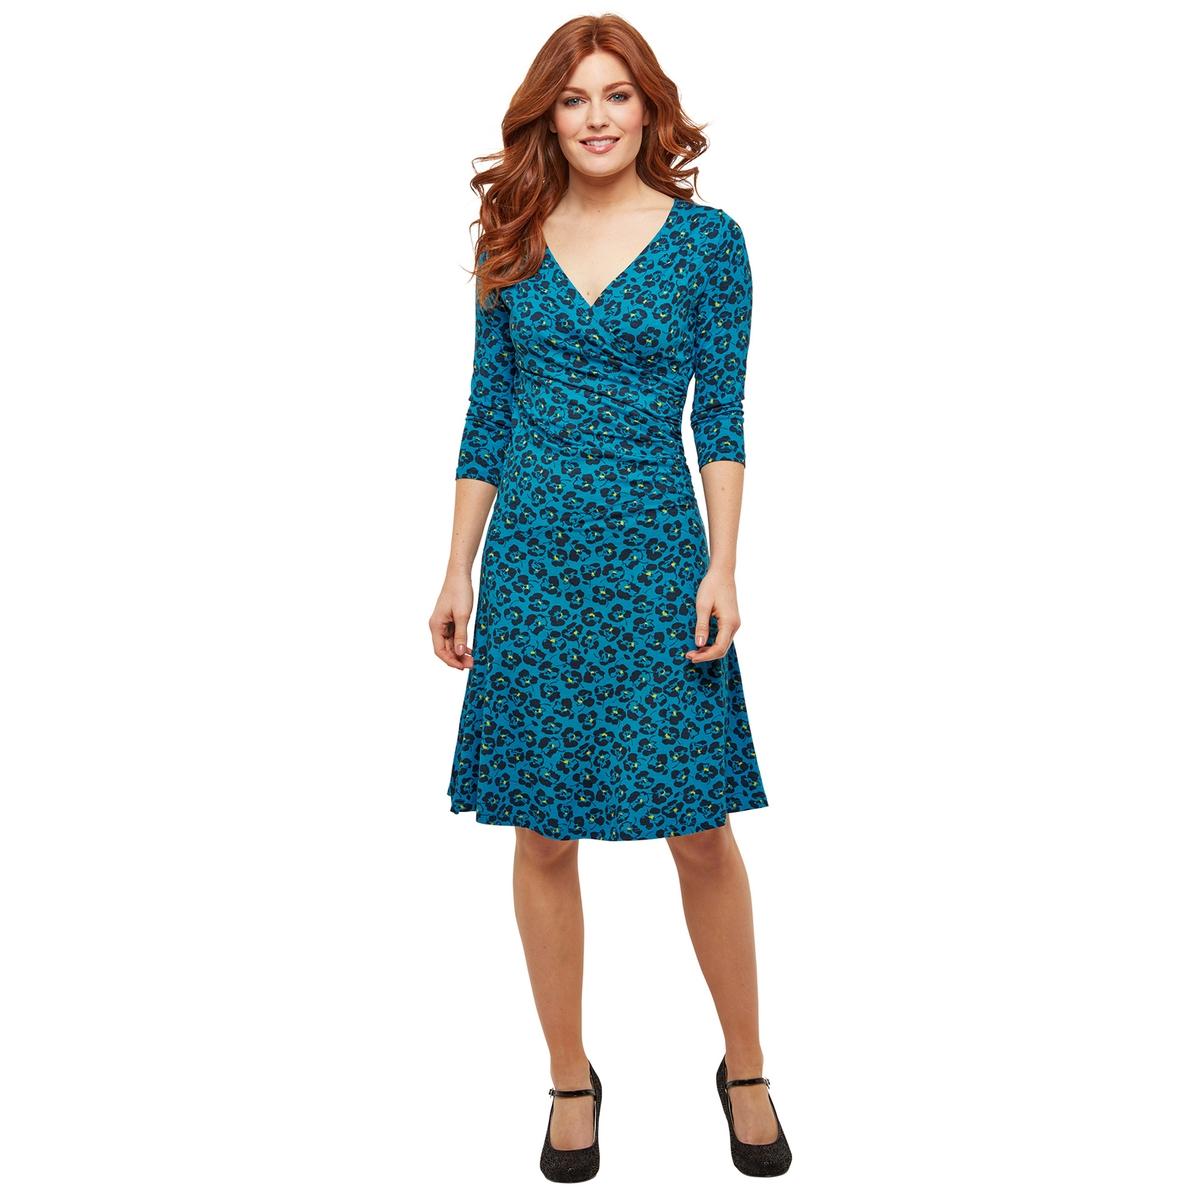 Платье La Redoute С запахом с цветочным рисунком и рукавами 44 (FR) - 50 (RUS) синий платье миди la redoute с запахом струящееся m синий